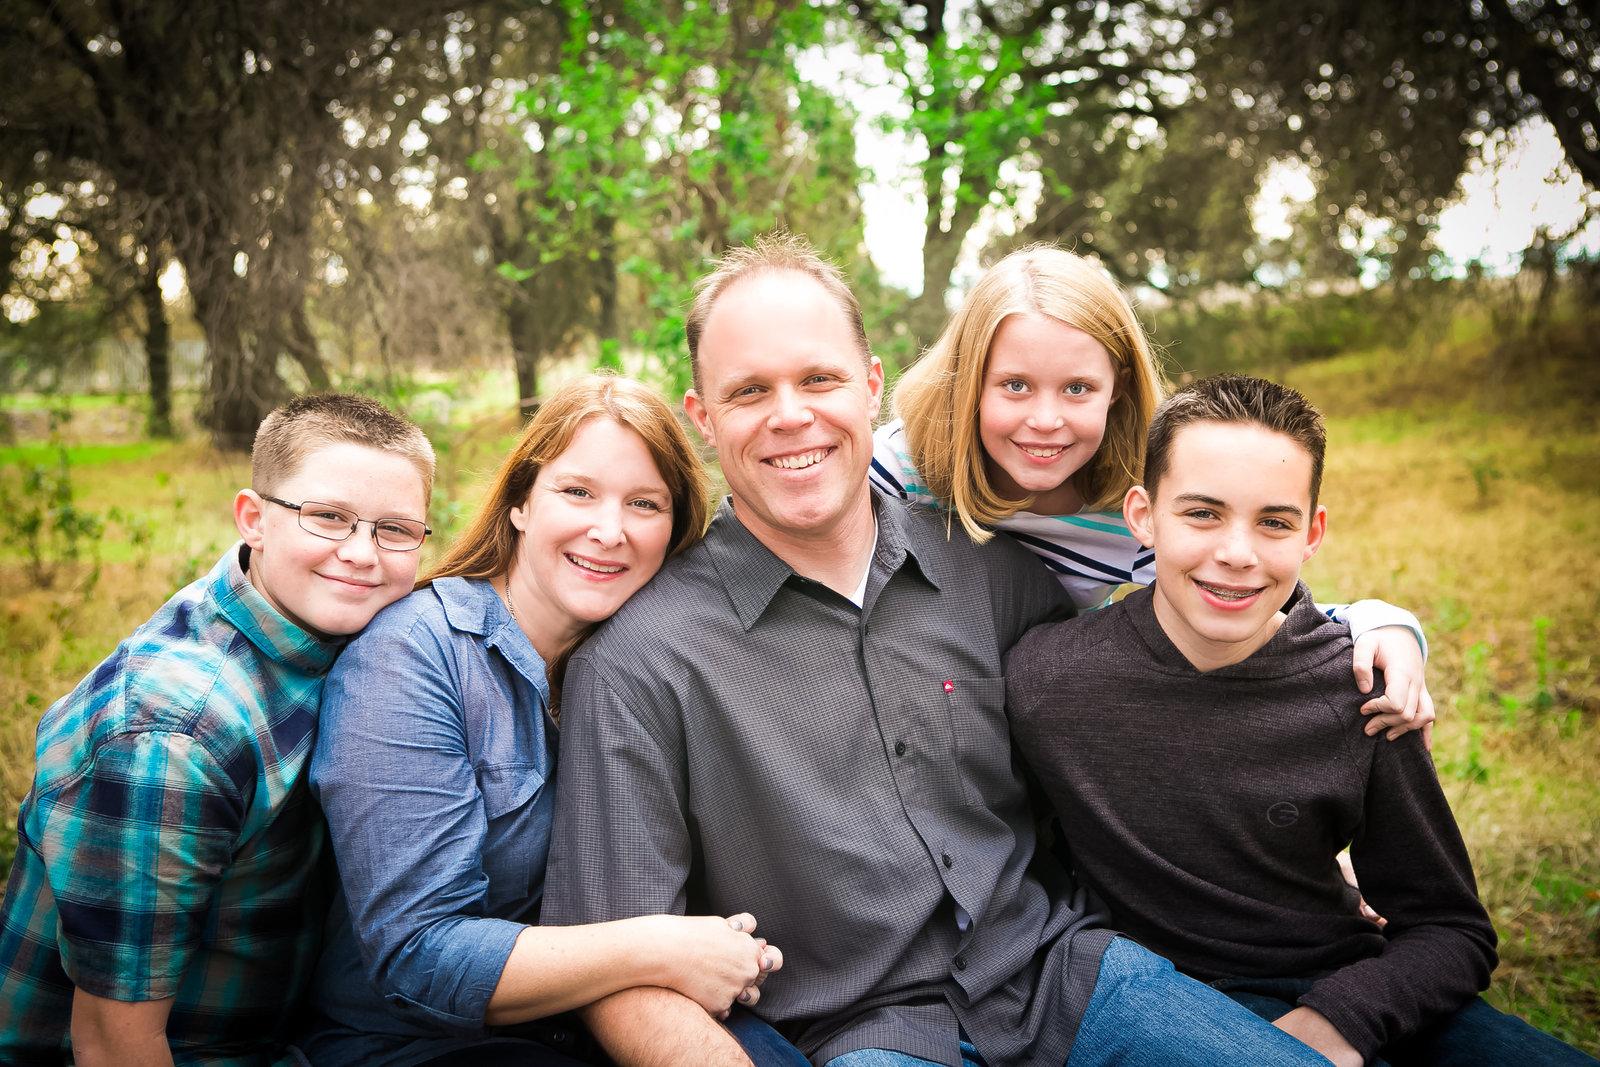 Families_Mattix Family Pictures, 2014-101